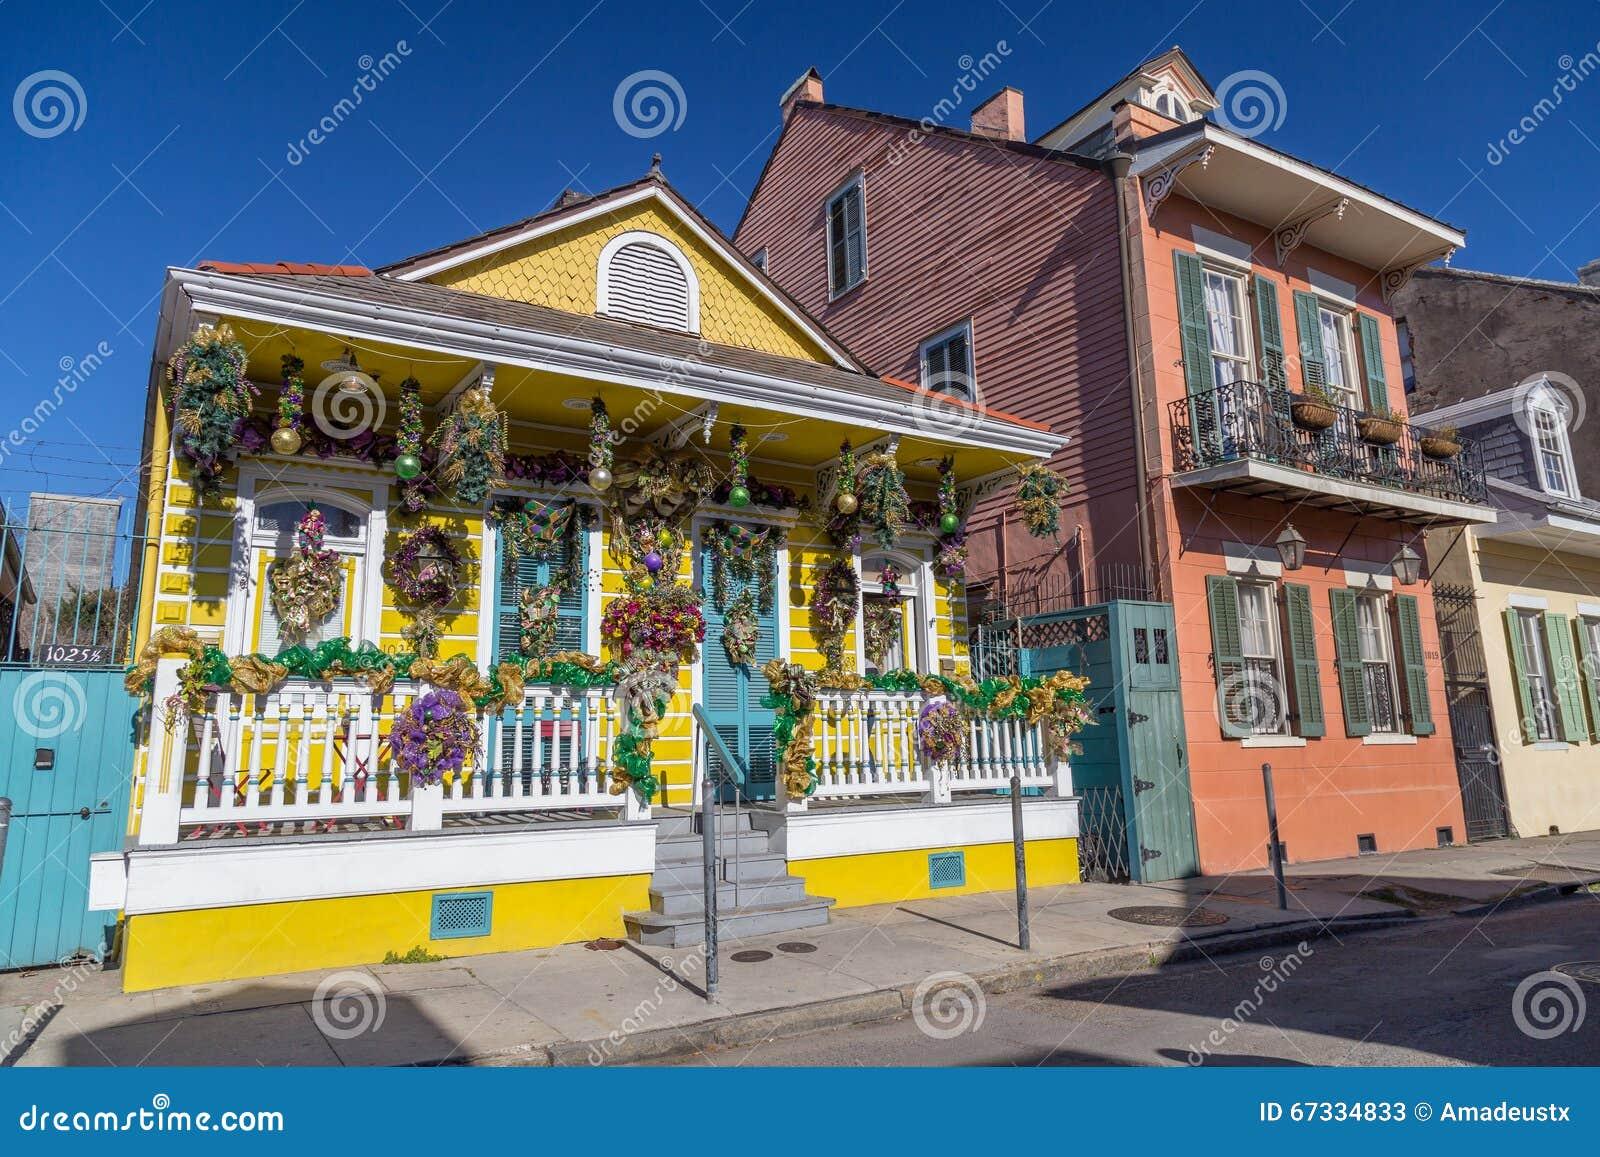 Alte Kolonialhäuser auf den Straßen des französischen Viertels verziert für Mardi Gras in New Orleans, Louisiana